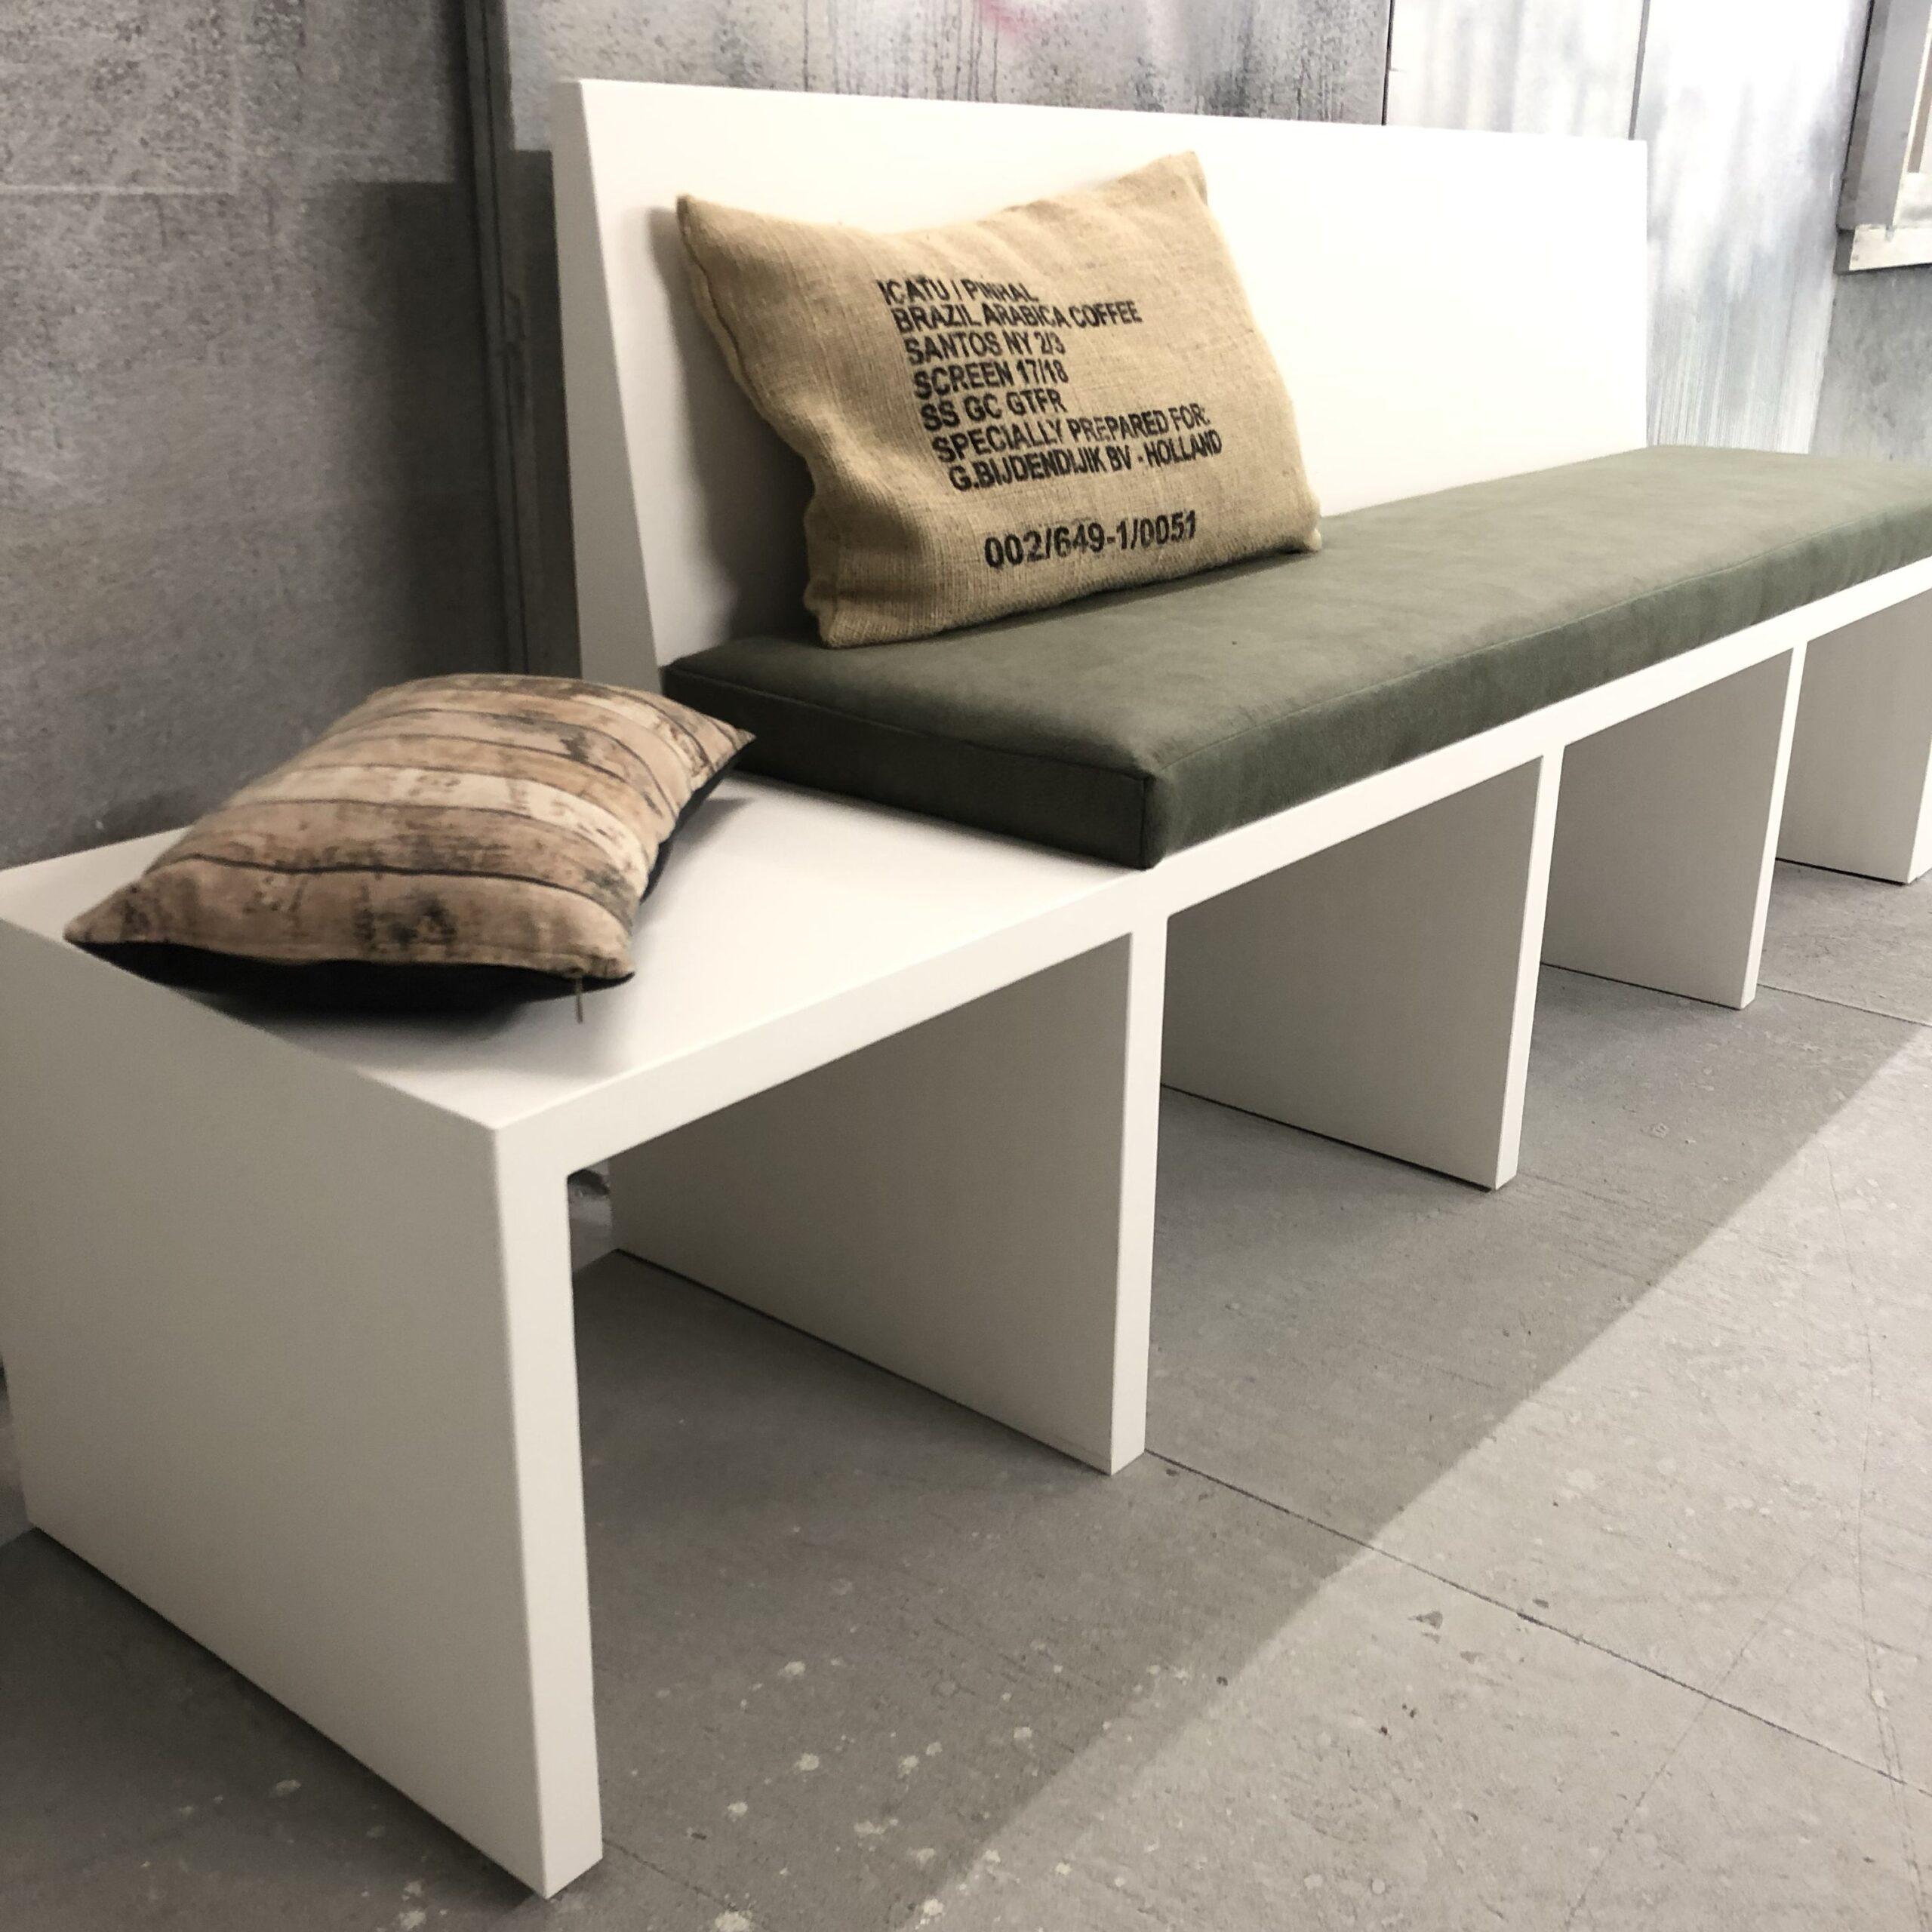 Full Size of Ikea Küchenbank Essbank Torsby Küche Kosten Betten 160x200 Modulküche Sofa Mit Schlaffunktion Miniküche Bei Kaufen Wohnzimmer Ikea Küchenbank